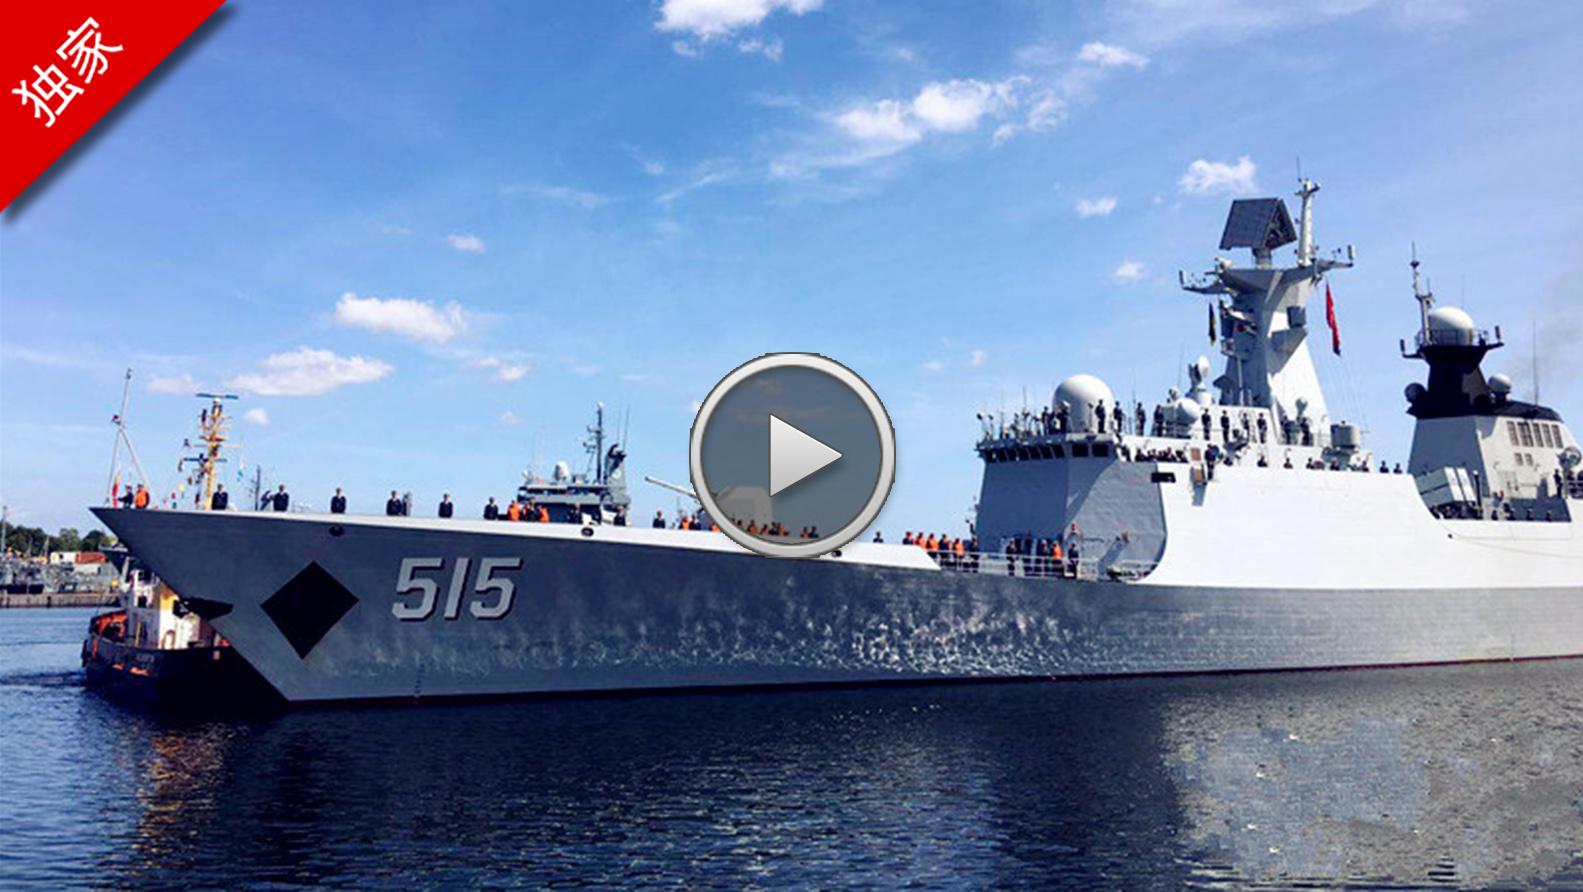 """海军滨州舰抵达德国参加""""基尔周""""活动"""